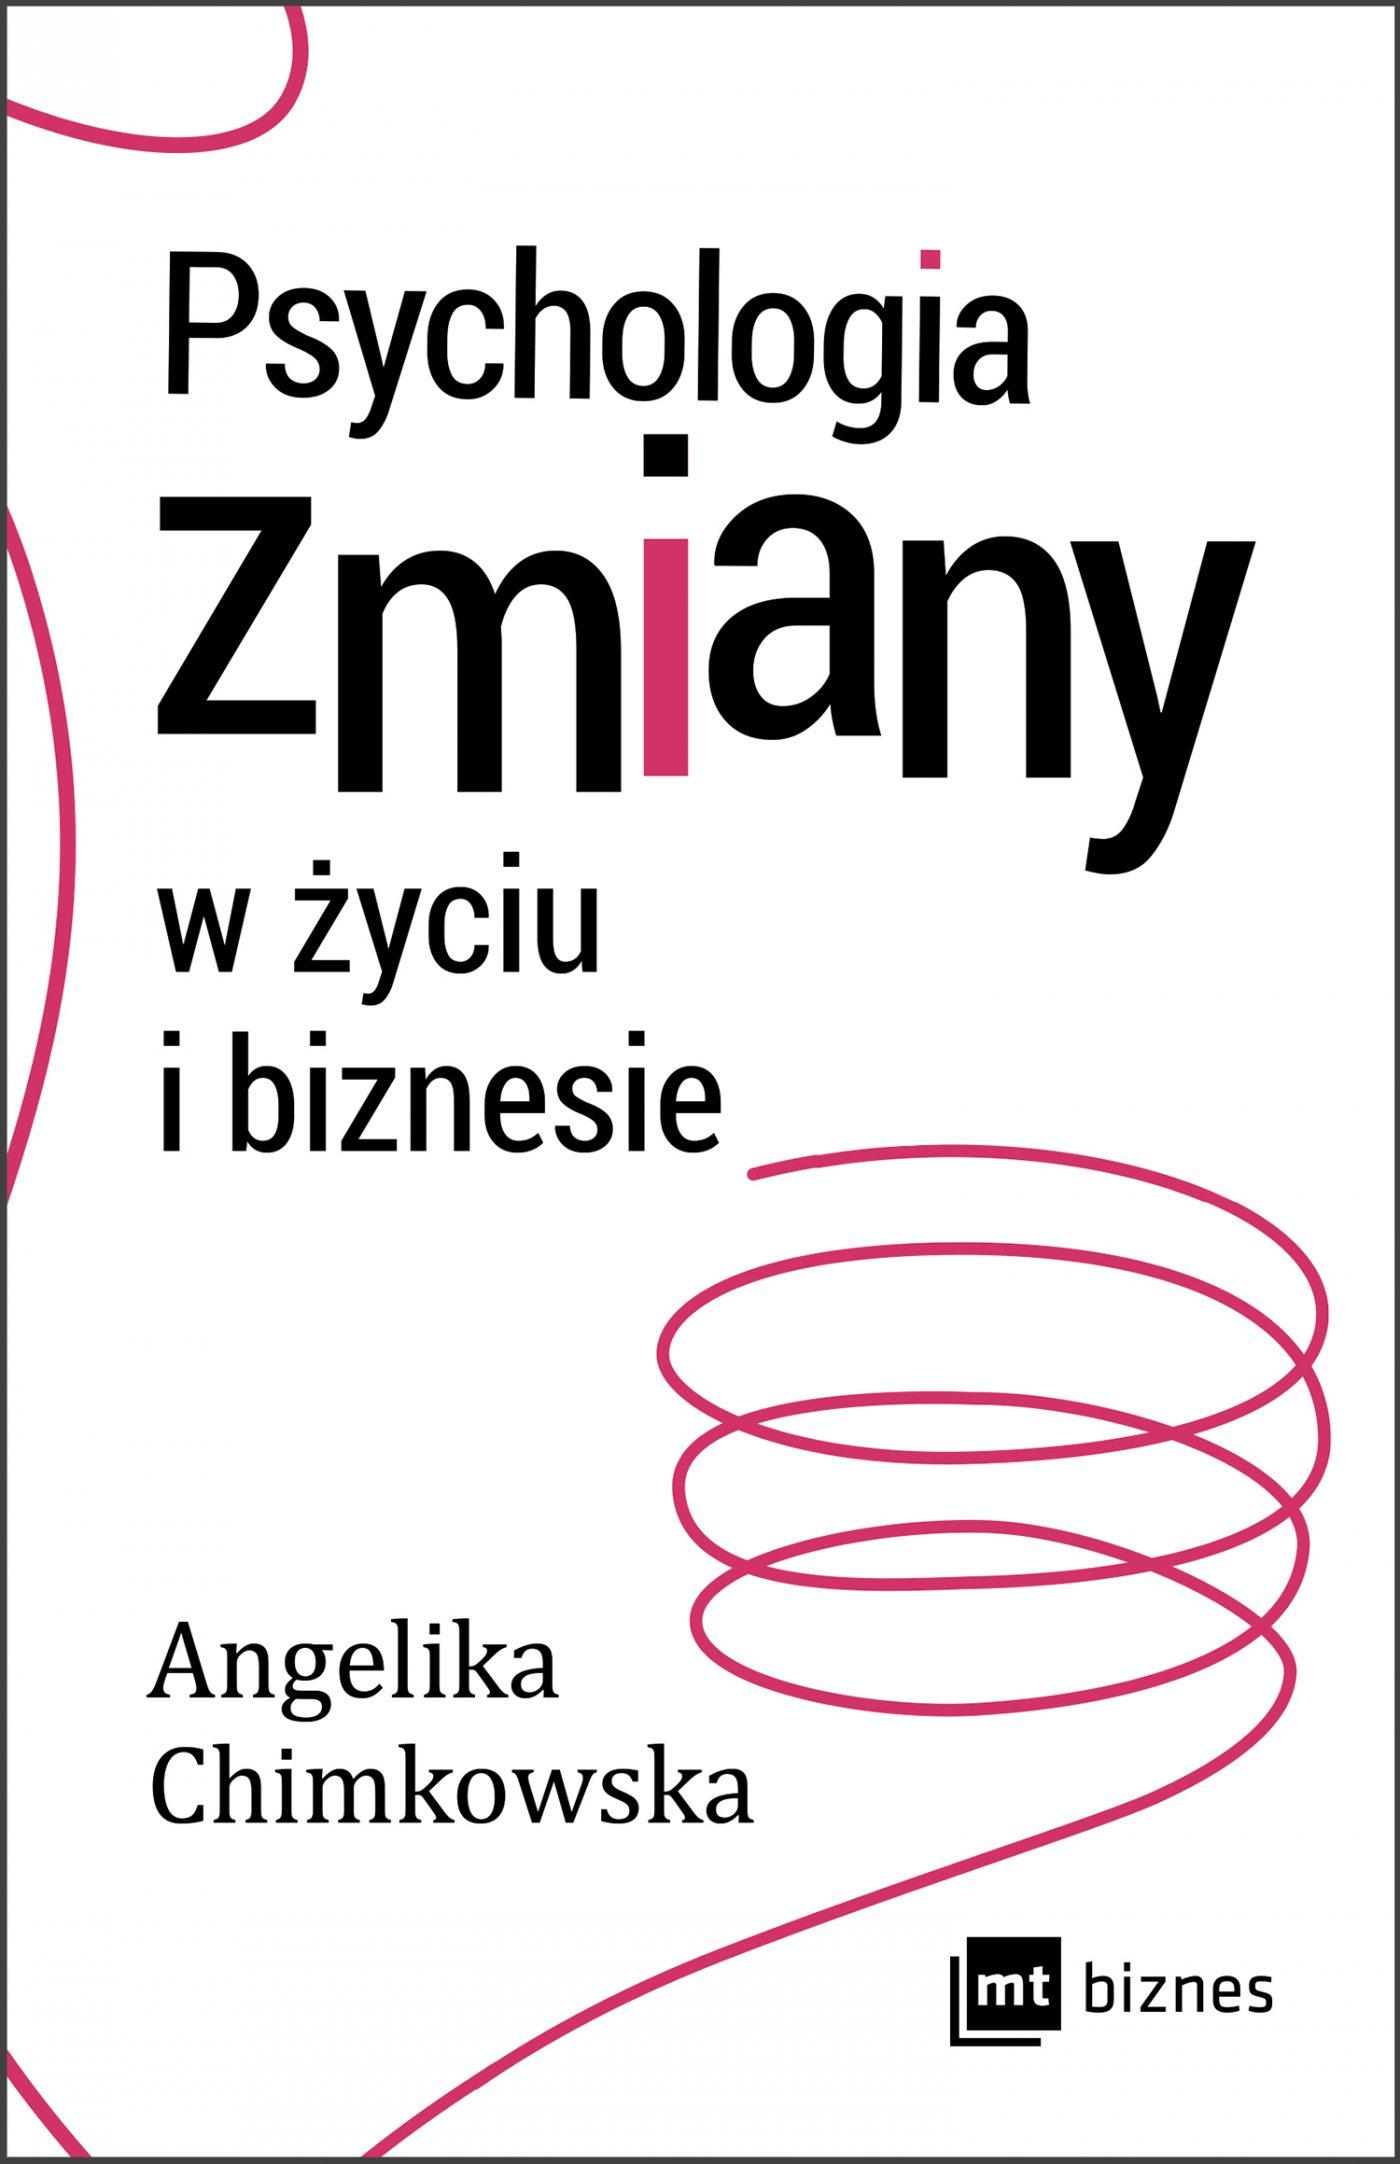 Psychologia zmiany w życiu i biznesie - Ebook (Książka EPUB) do pobrania w formacie EPUB